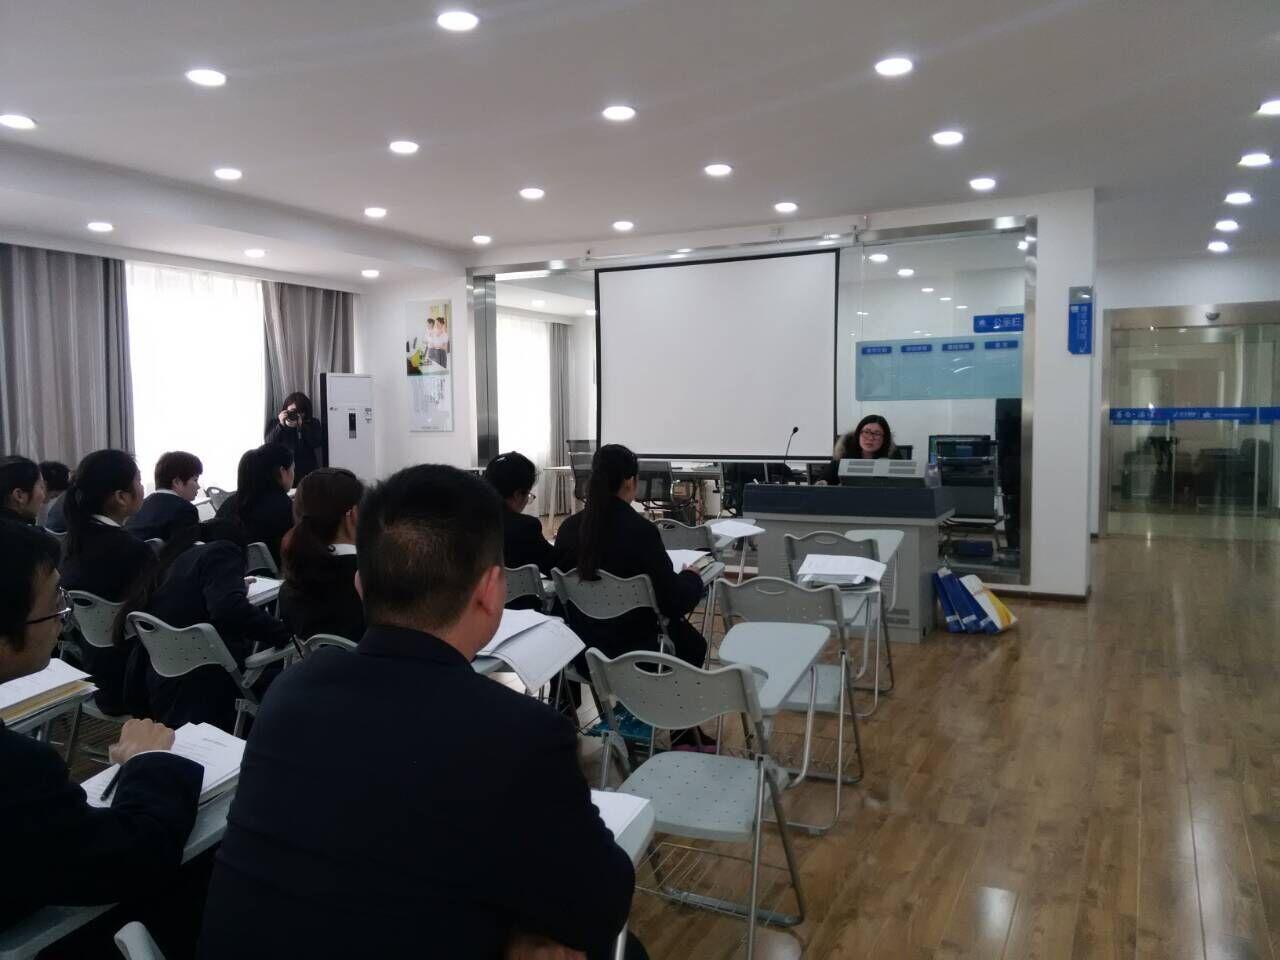 兴鸿翔培训讲师针对汉十高速入职员工开展保险知识讲座